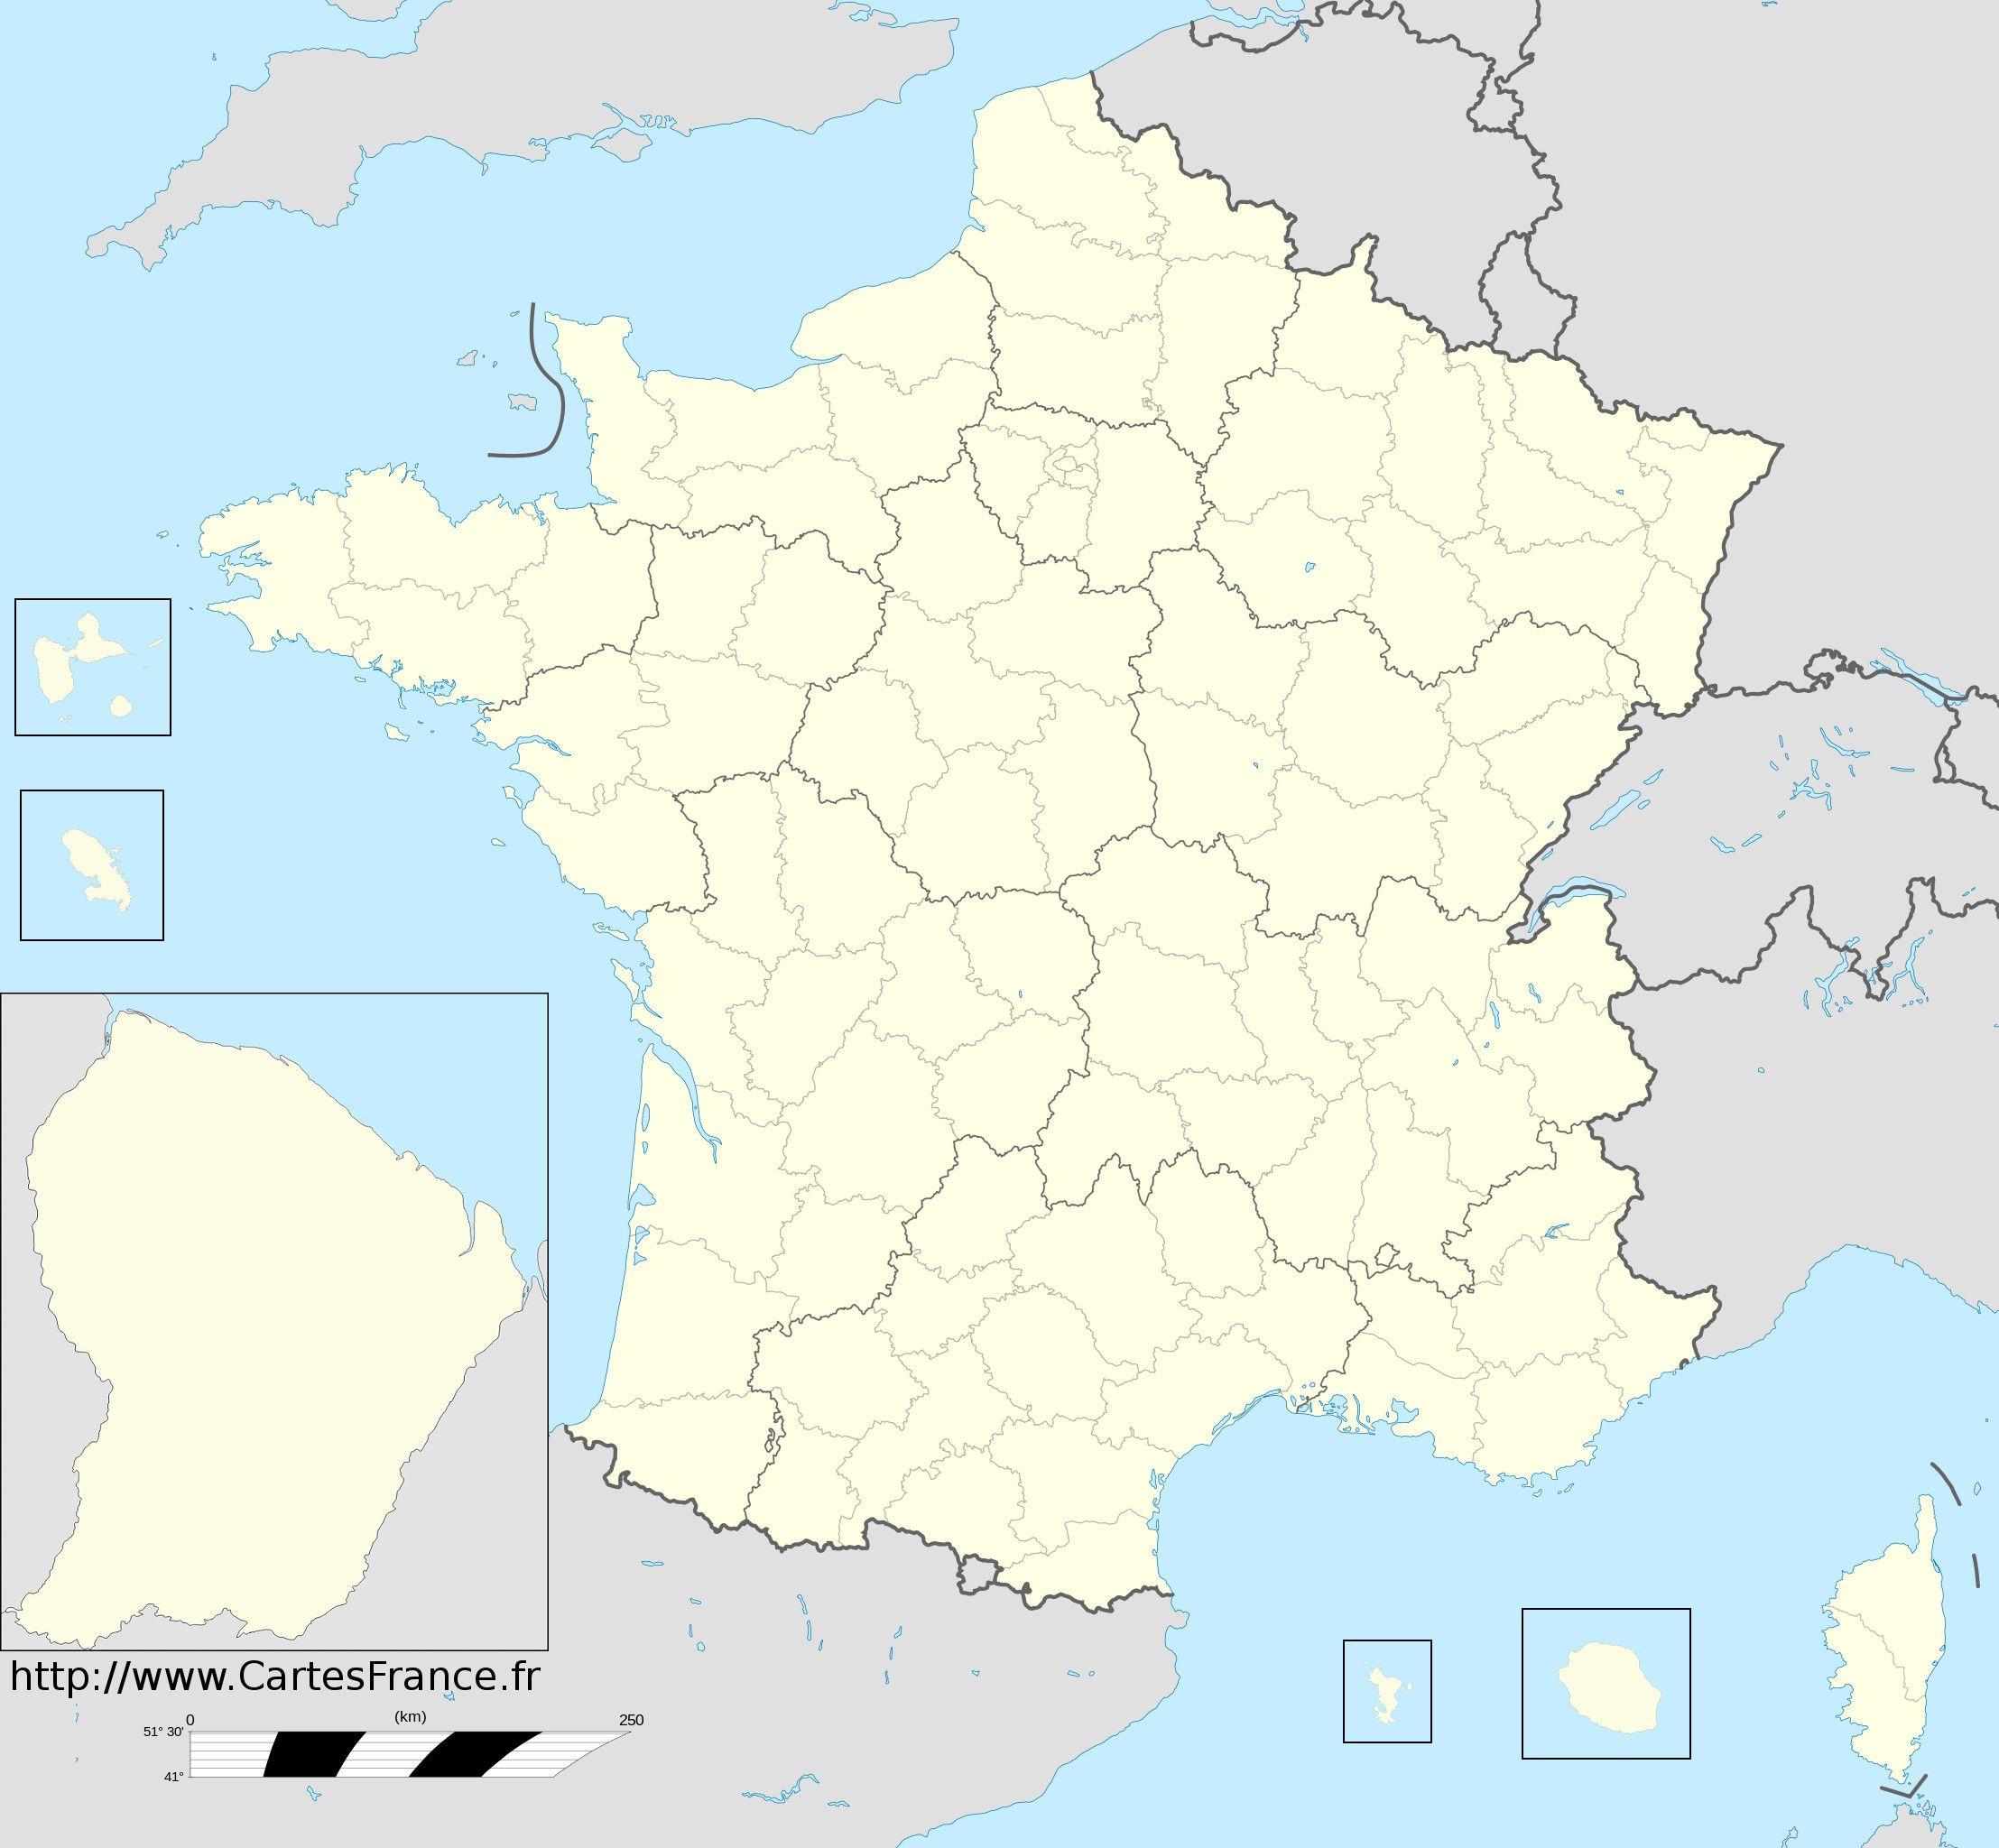 Nouveau Fond De Carte Des Départements | Carte Des Régions dedans Carte Des Régions Vierge